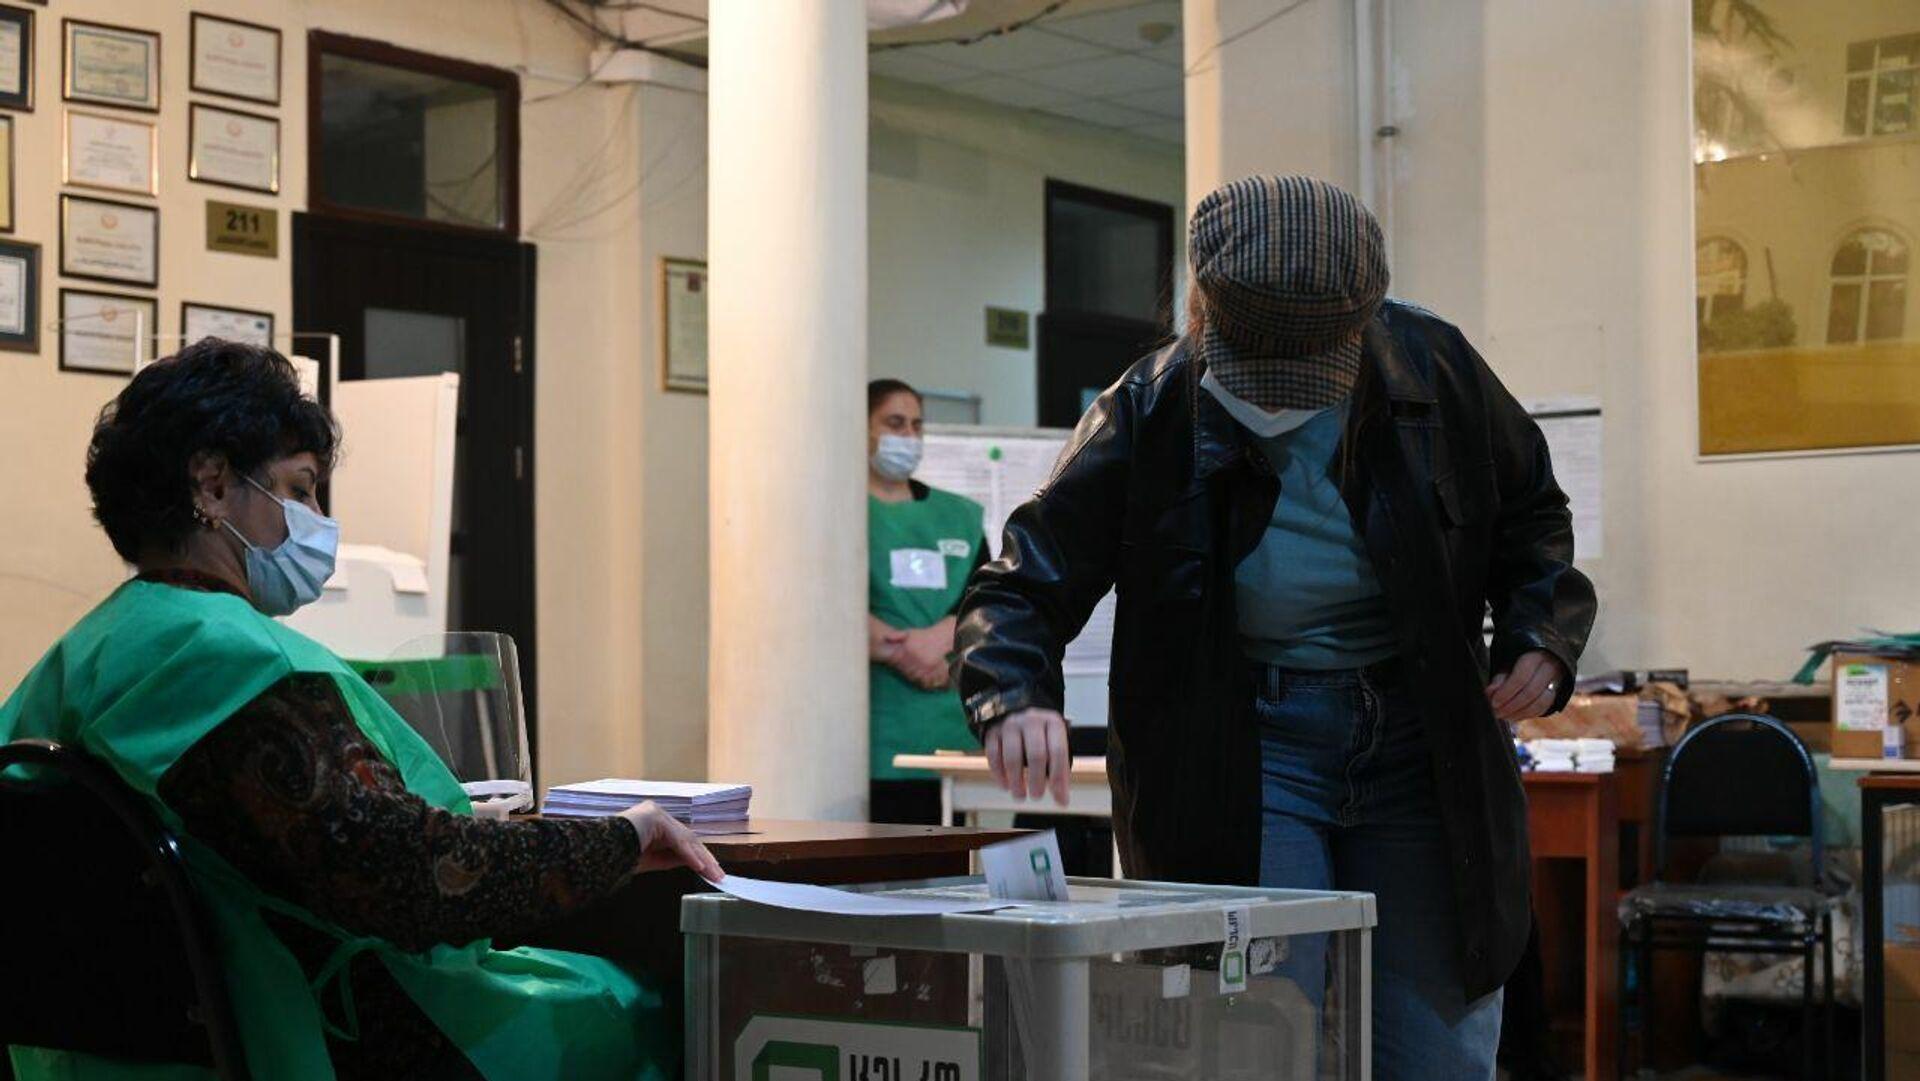 Местные выборы в Грузии 2 октября - избиратели участвуют в голосовании - Sputnik Грузия, 1920, 03.10.2021